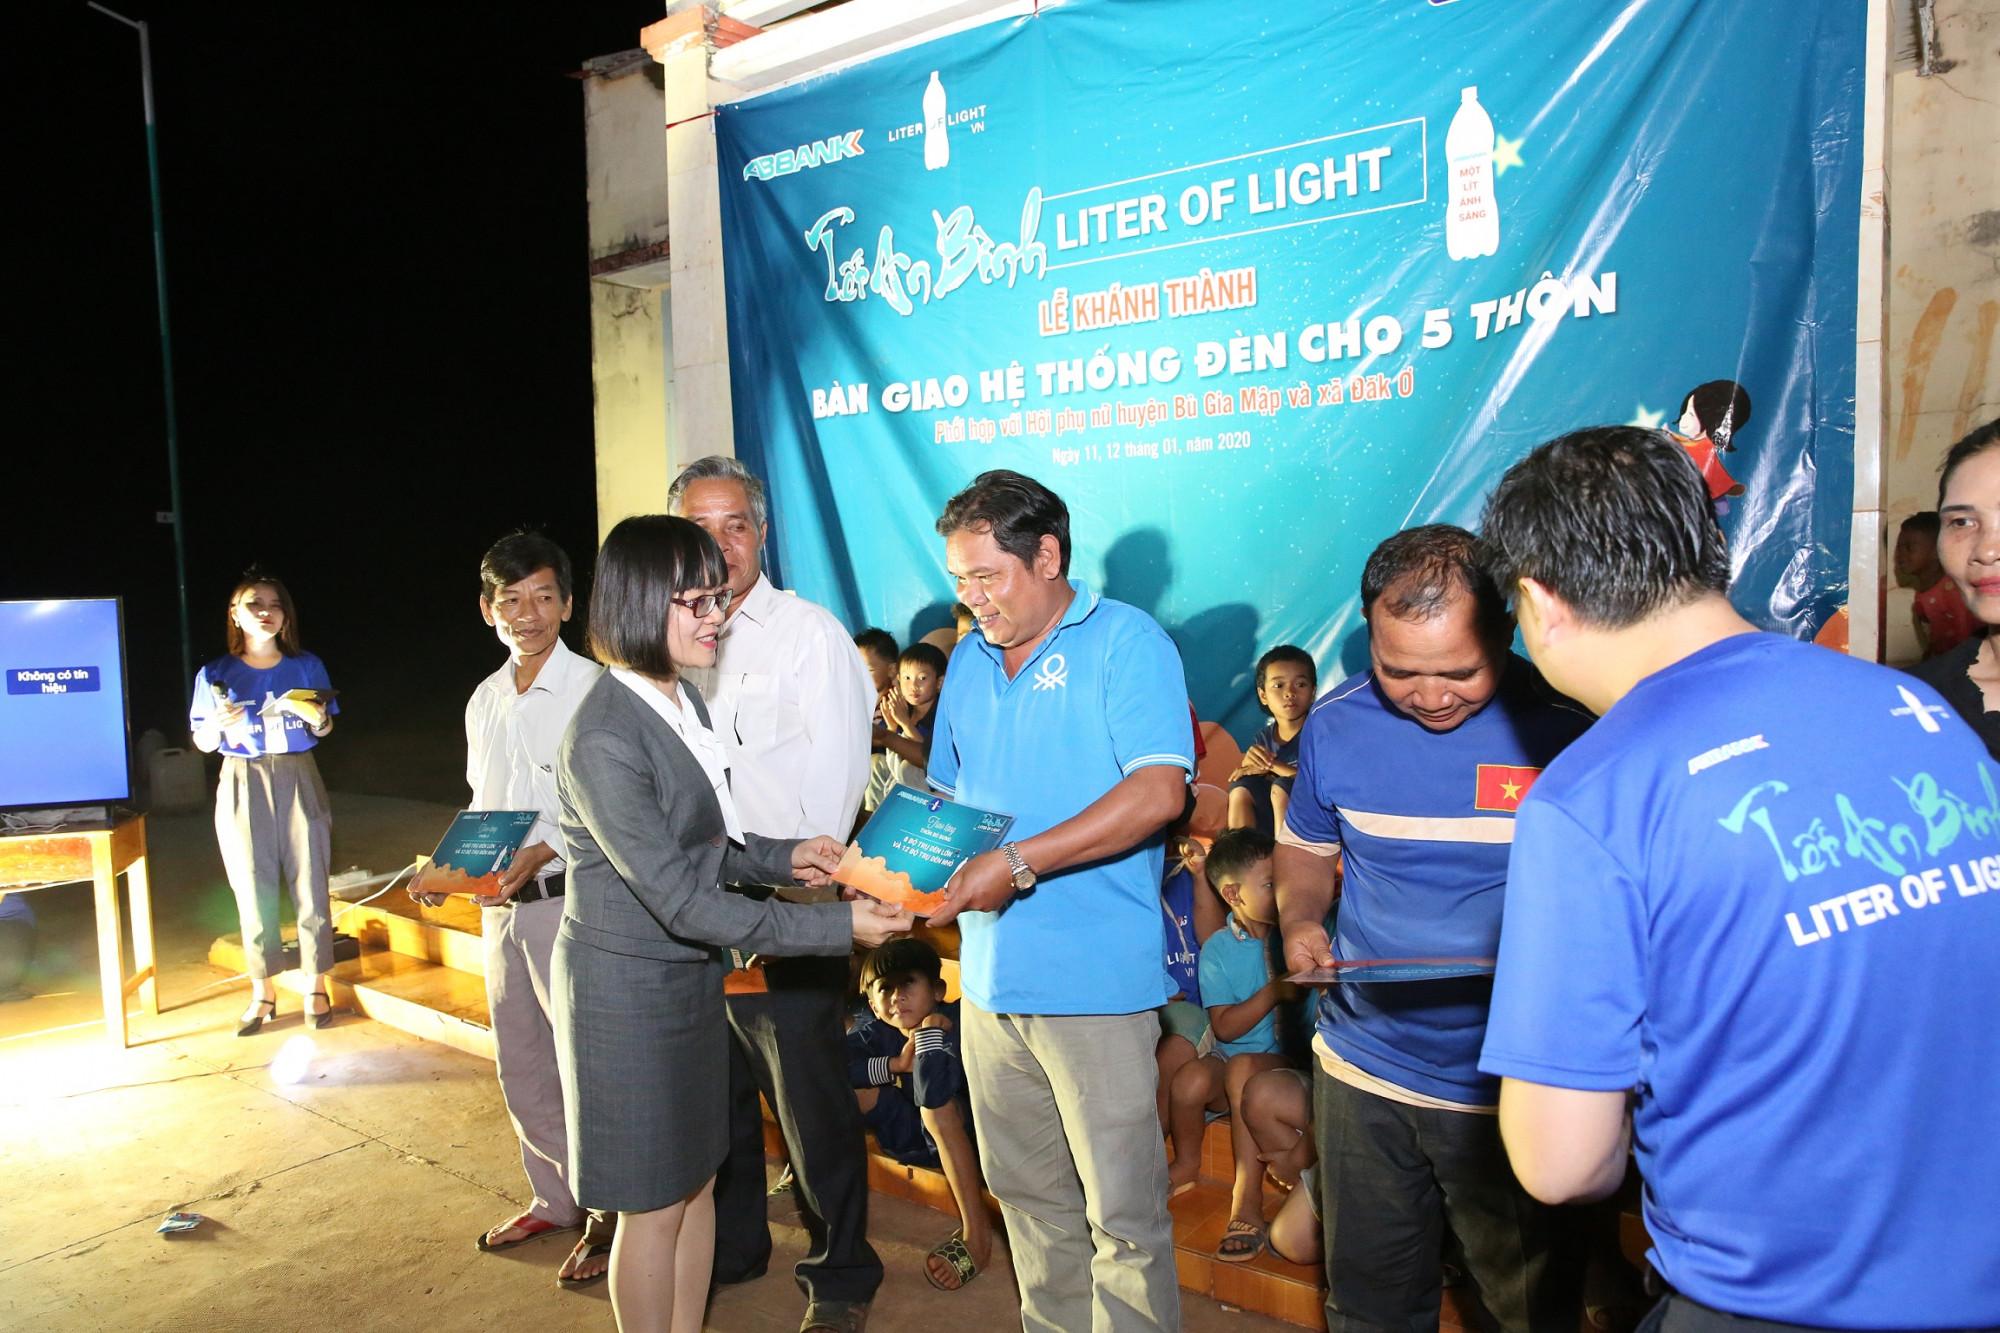 Bà Nguyễn Thị Hương - Phó tổng giám đốc ABBANK bàn giao hệ thống đèn cho các thôn